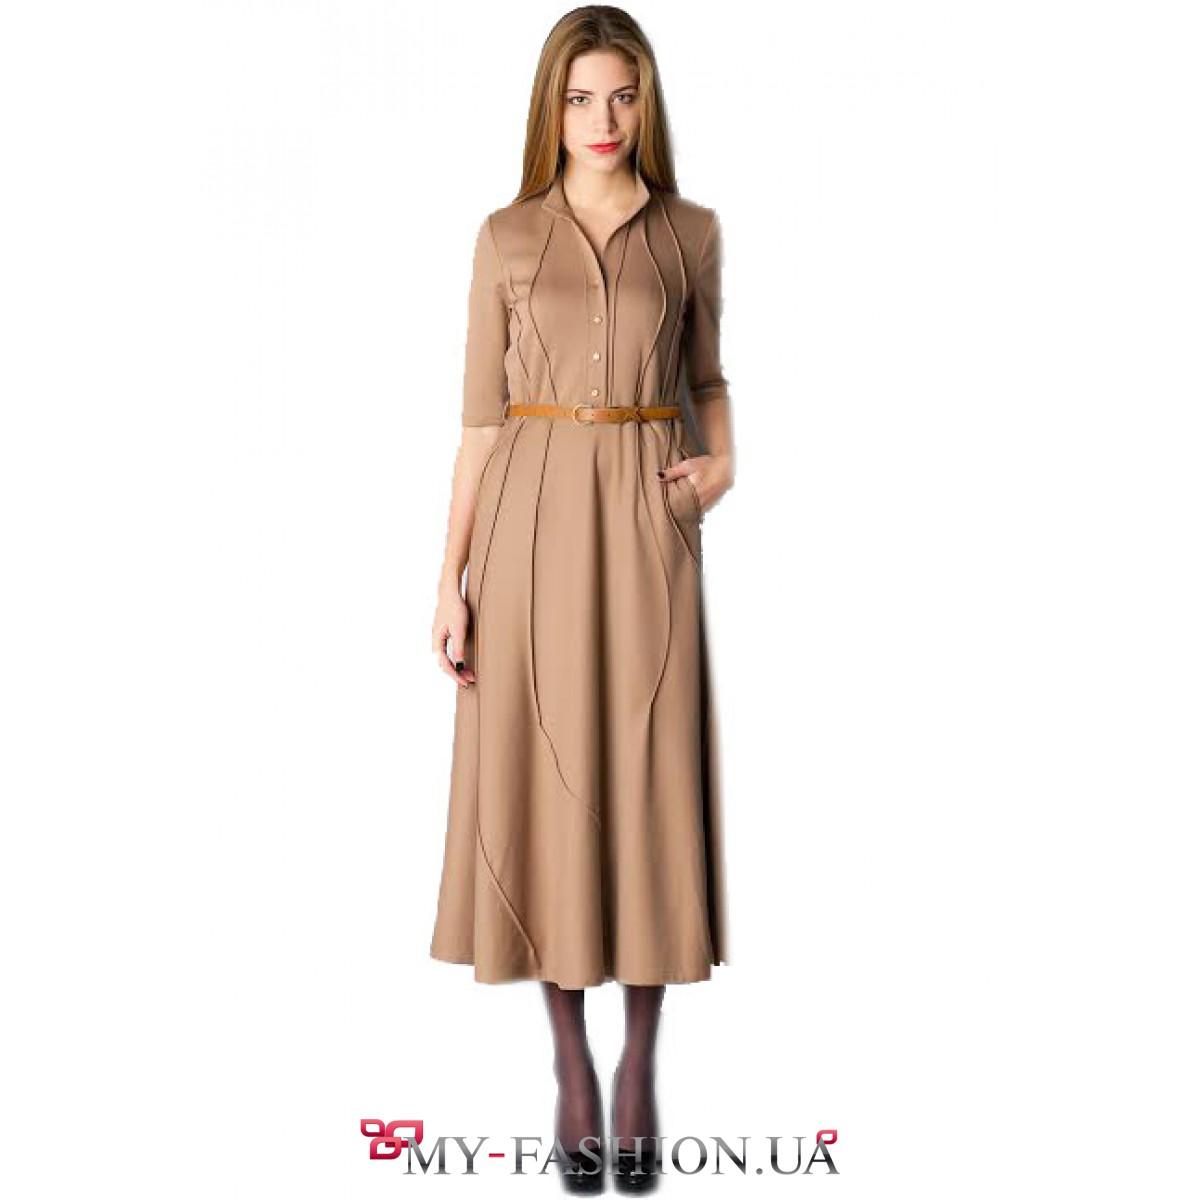 Карамельный цвет платья